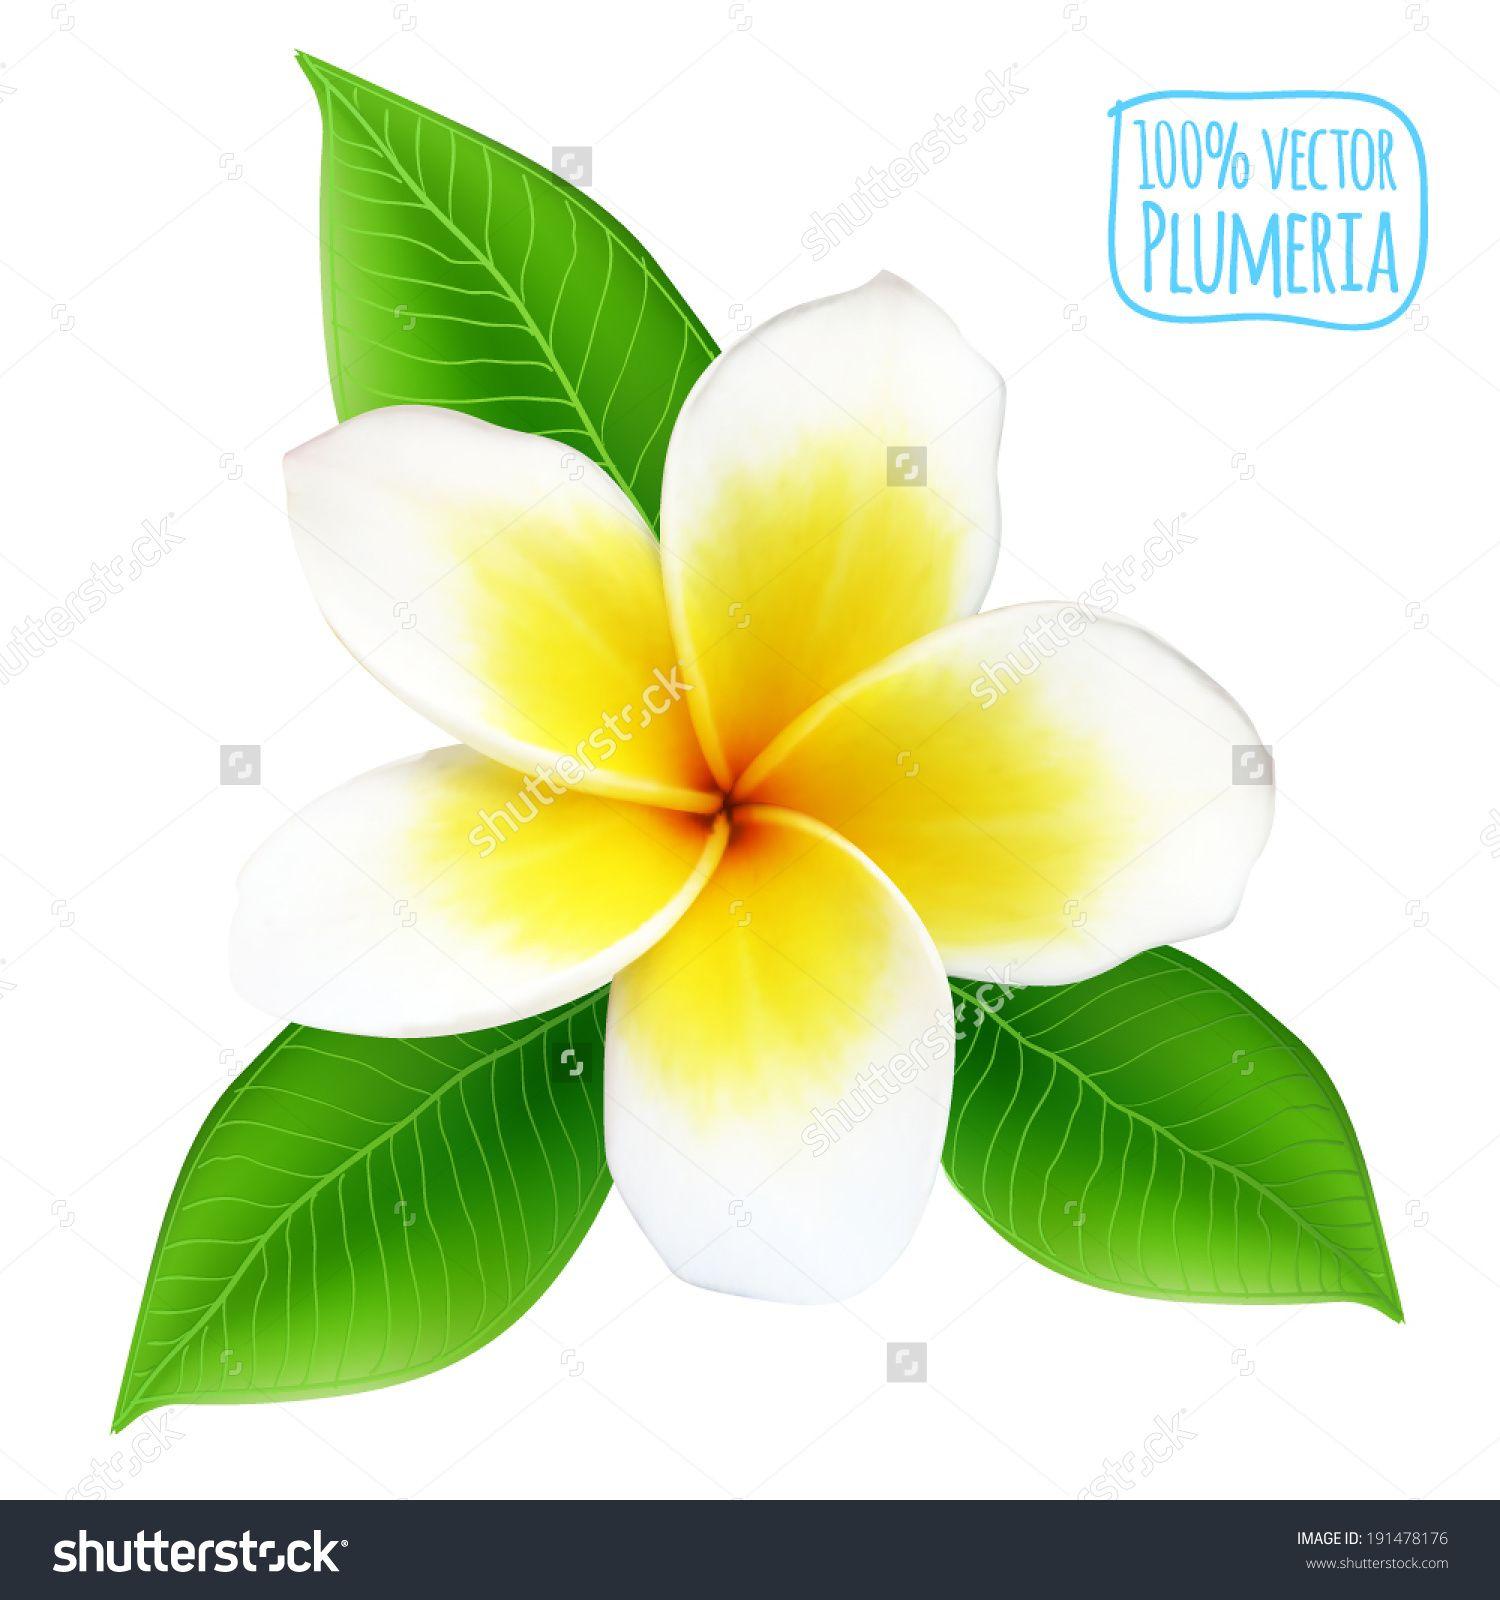 Plumeria Flower Stock Vectors Vector Clip Art Plumeria Plumeria Tattoo Flowers